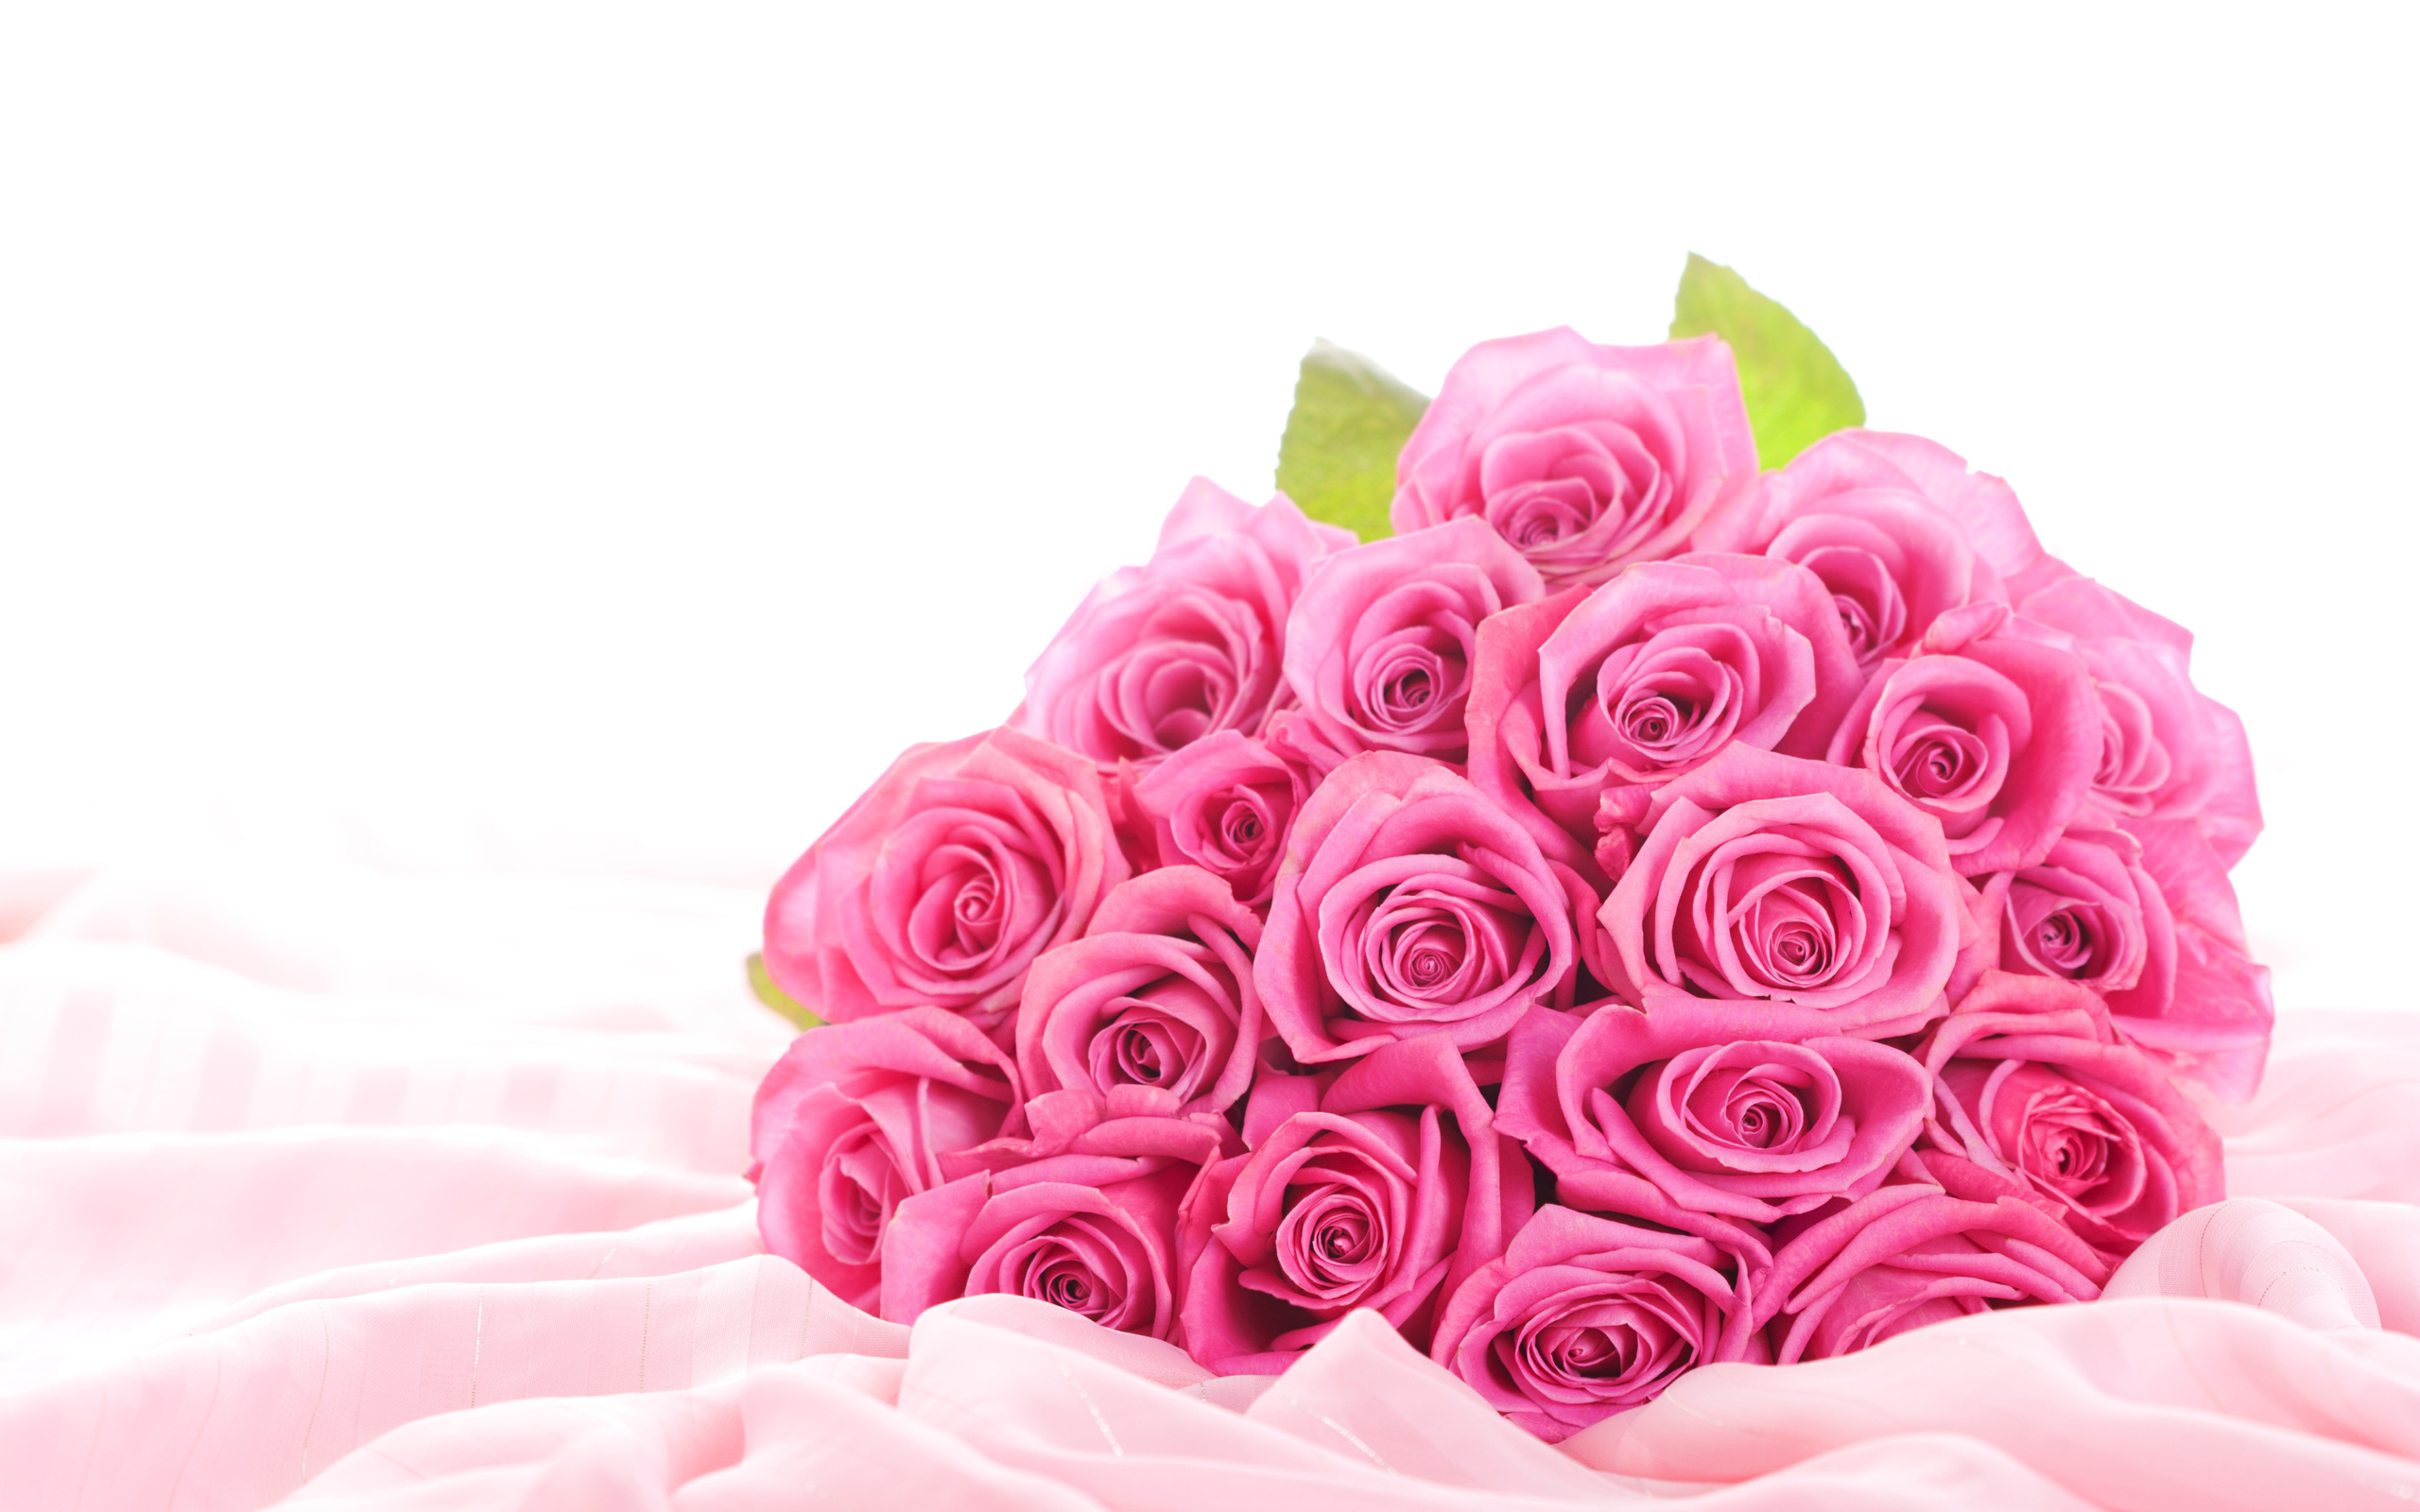 Картинки тему, открытки с днем рождения мамы с цветами роз